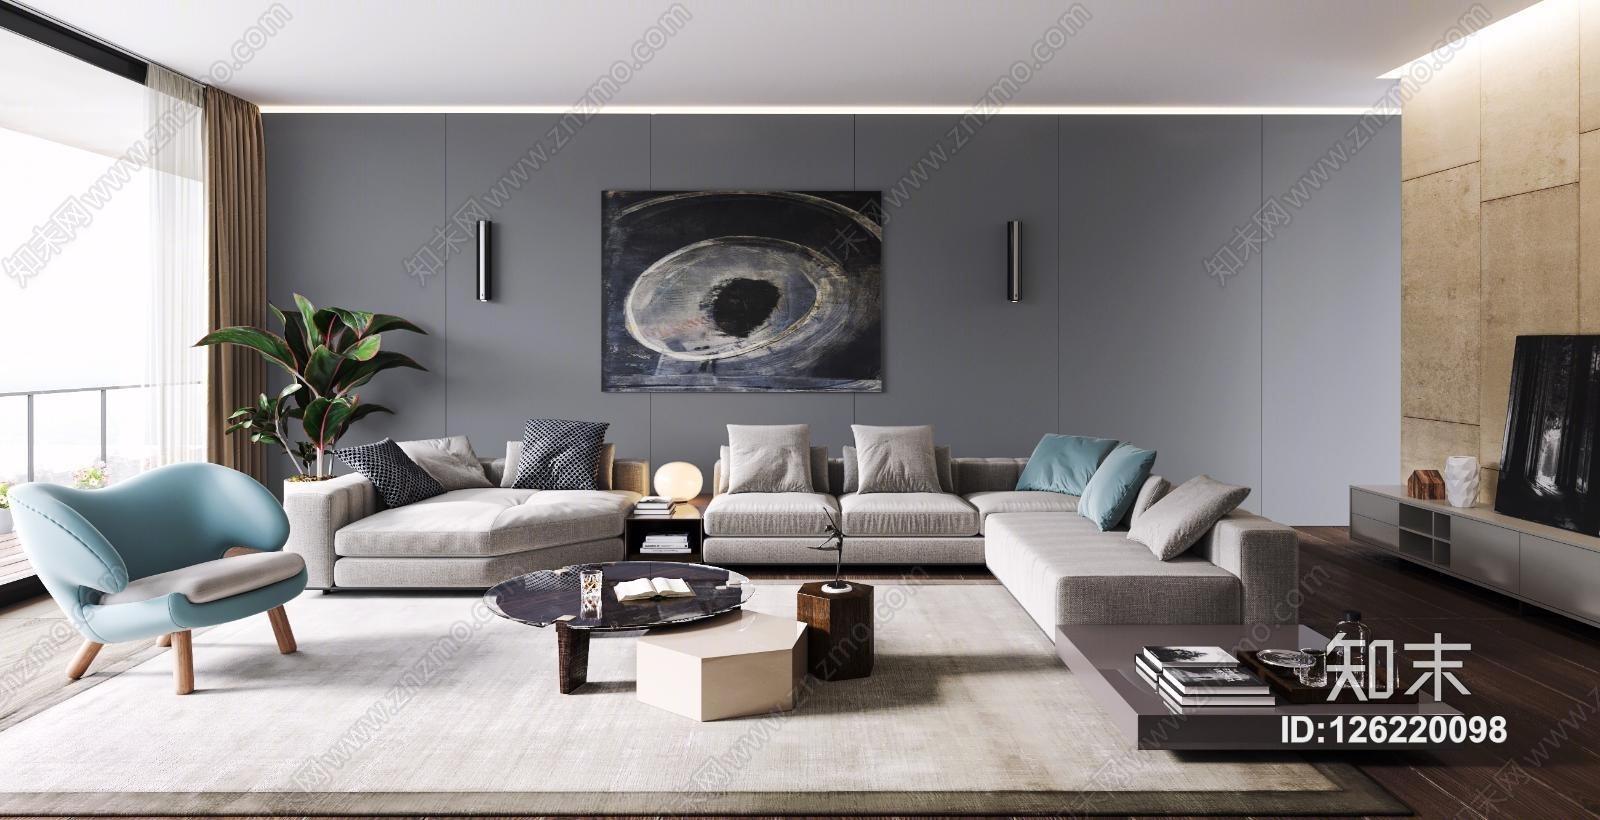 现代客厅 装饰品 台灯 沙发 地毯 挂画 茶几 边几 椅子